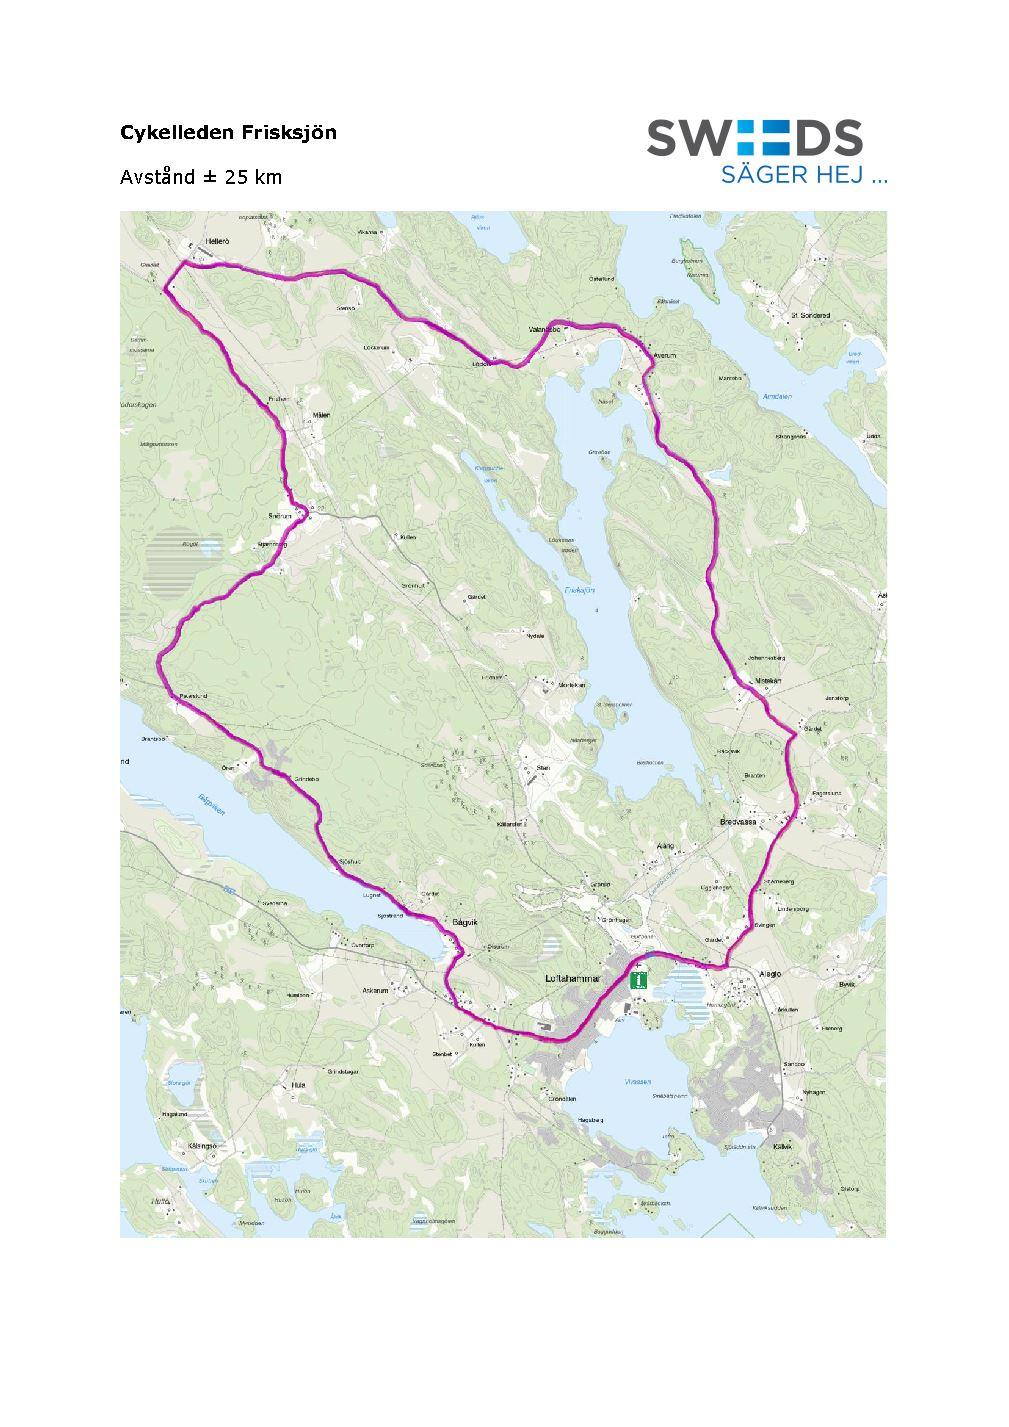 Bicycle trail in Loftahammar